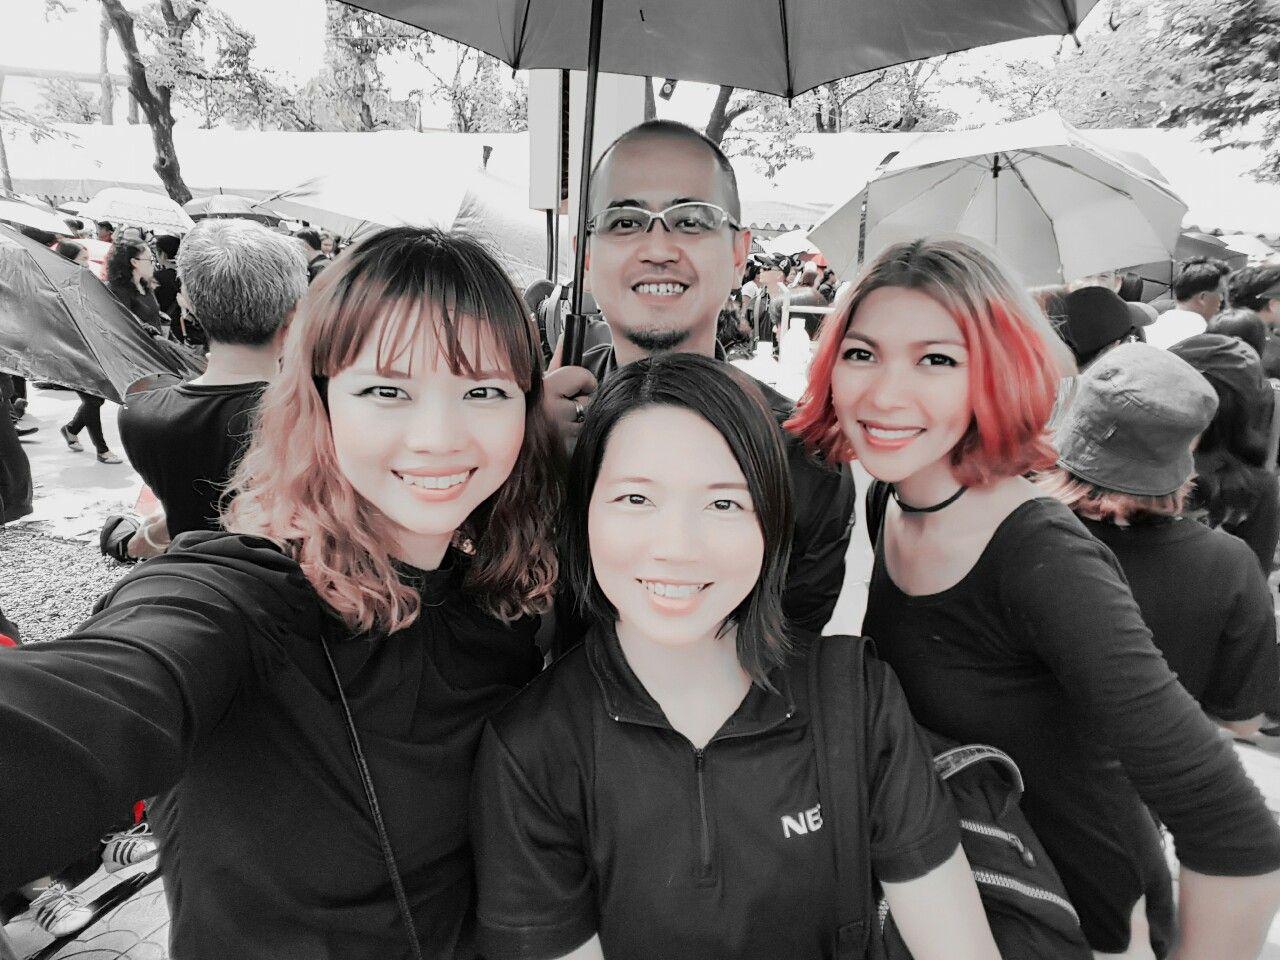 พร้อมร้องเพลง วอร์มเสียงมาจากบ้าน 555 ร่วมเป็นส่วนหนึ่งของพลังคนไทย ร้องเพลงแด่พ่อหลวง   #ฉันเกิดในรัชกาลที่9  #เดินตามรอยพ่อ